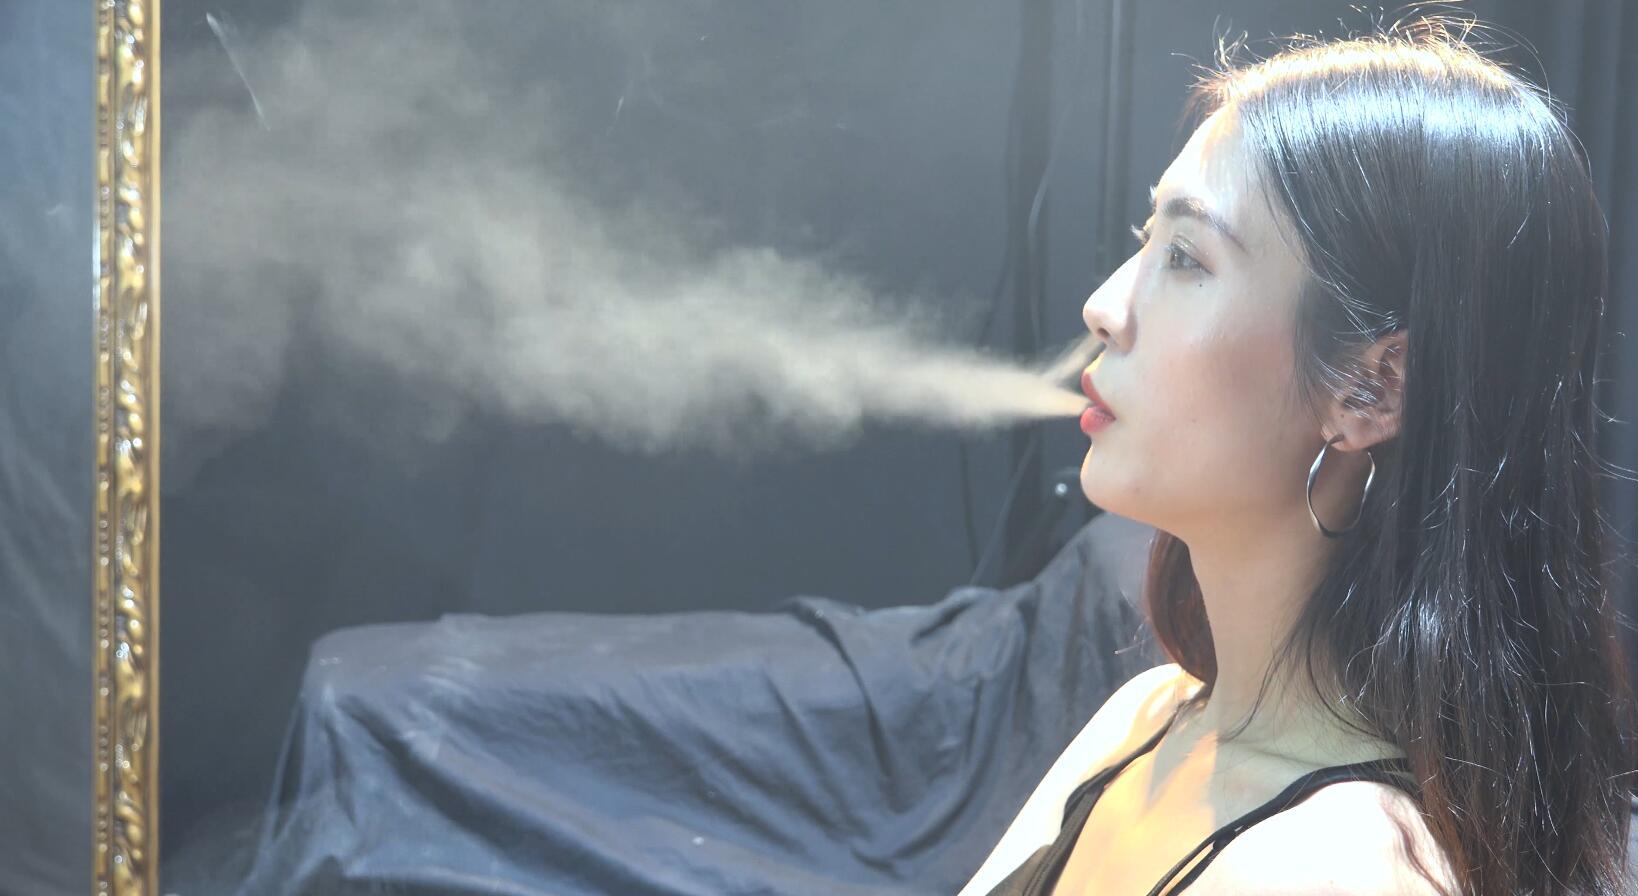 极品贵妇抽烟采访实录